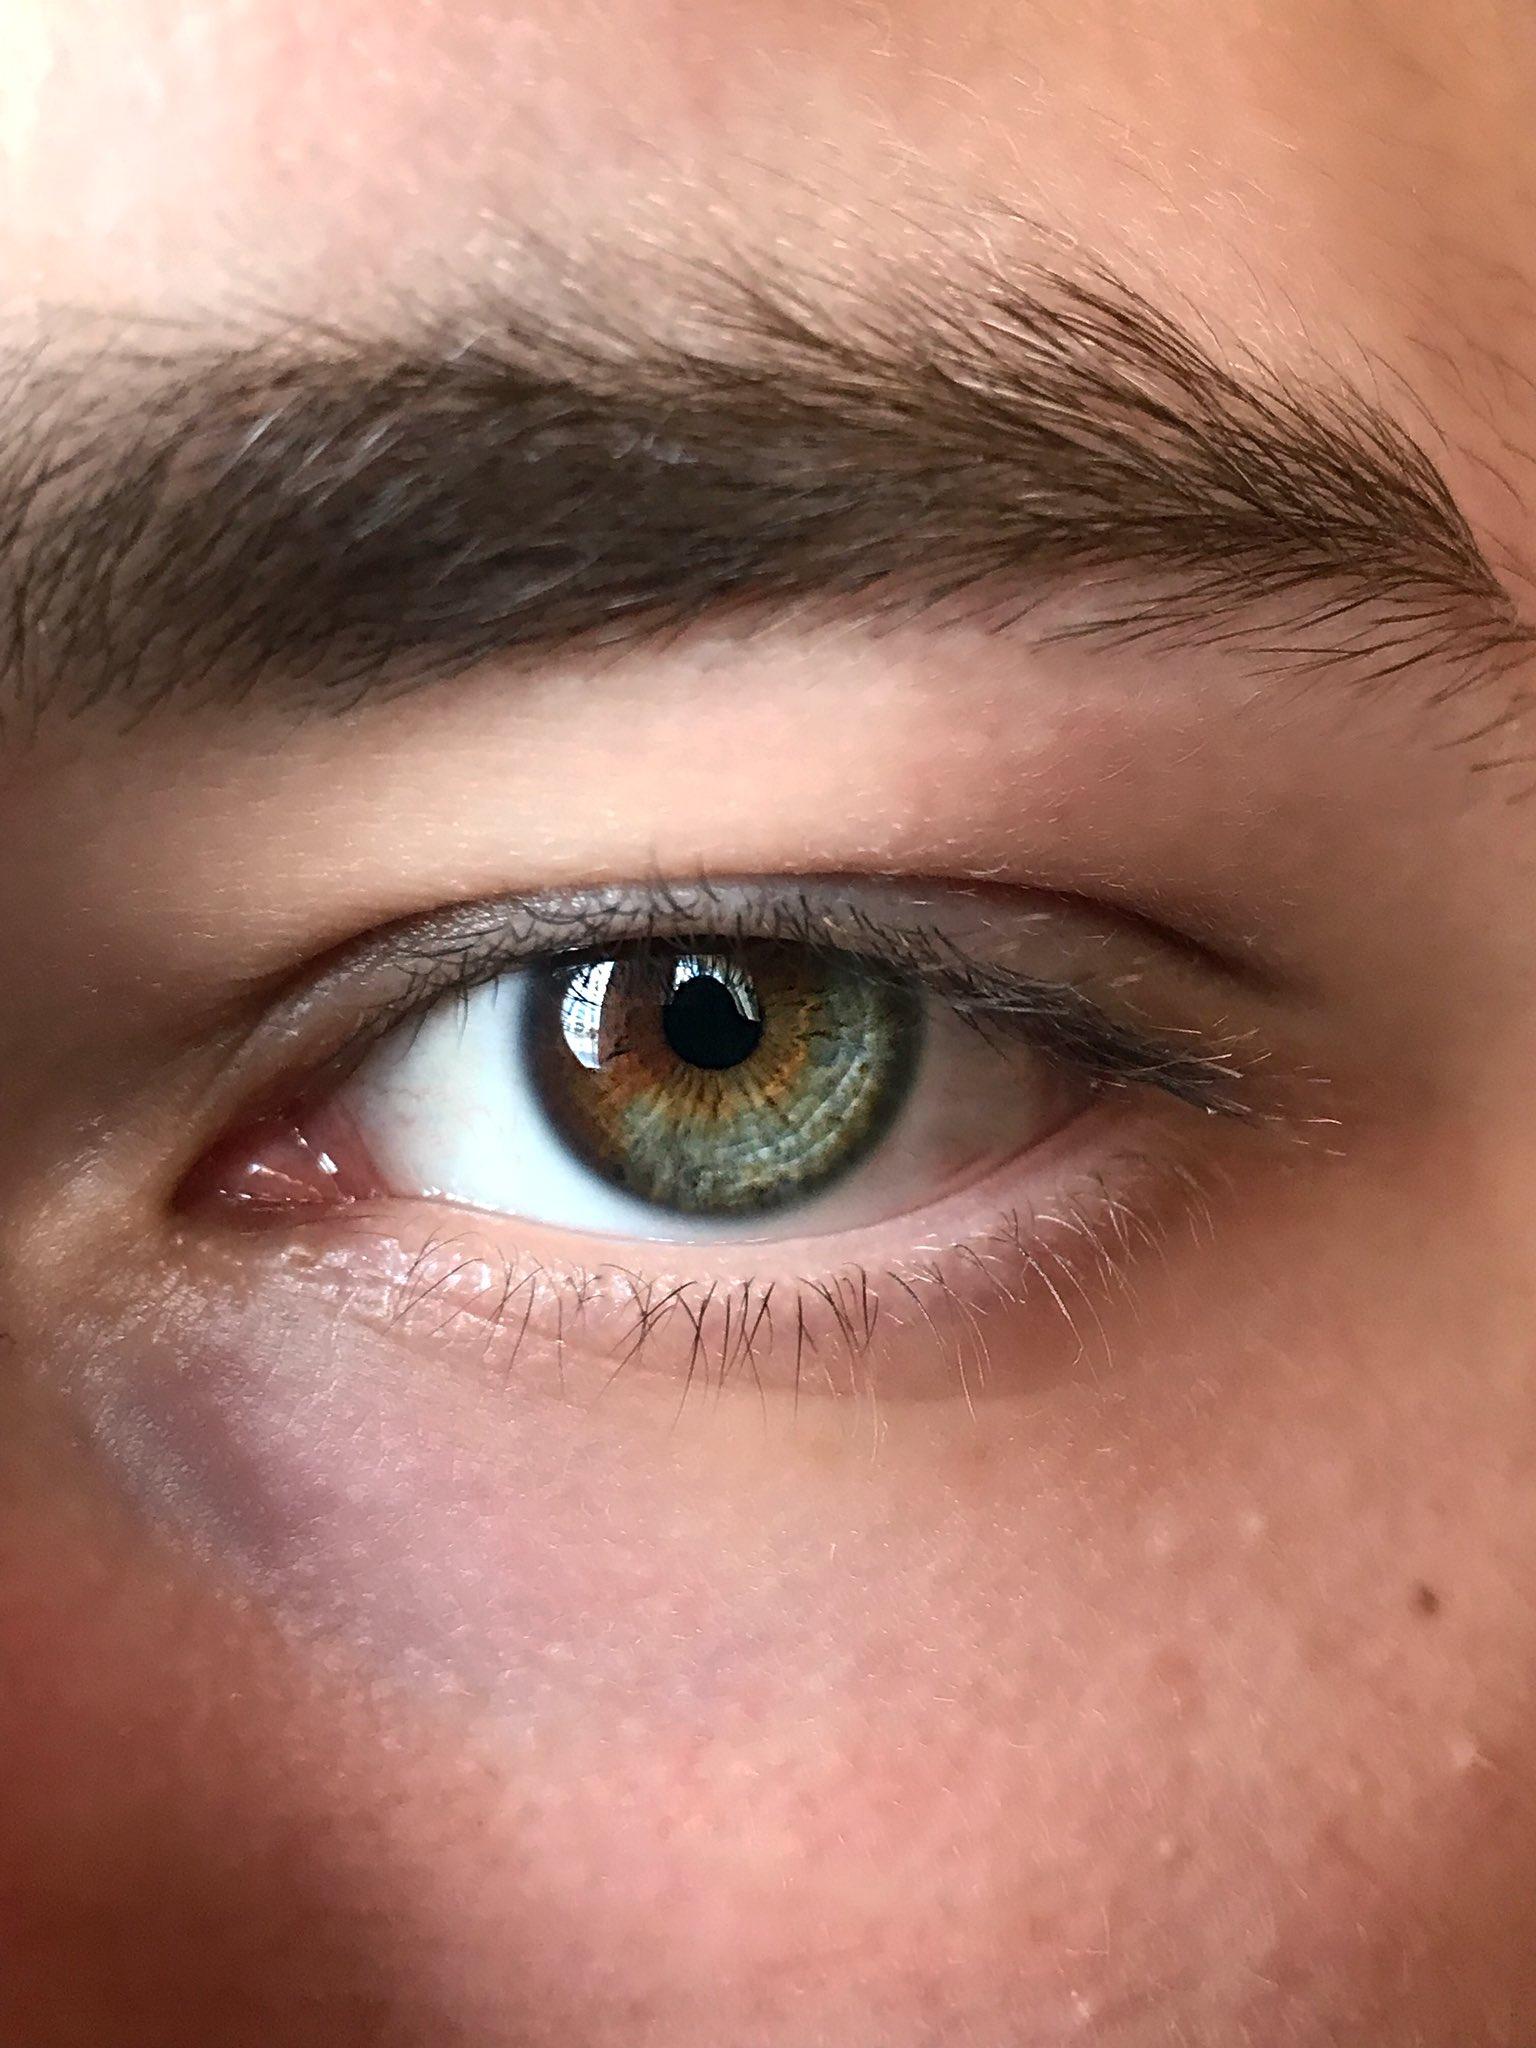 старых фото мужских карих глаз эти фото, понимаешь